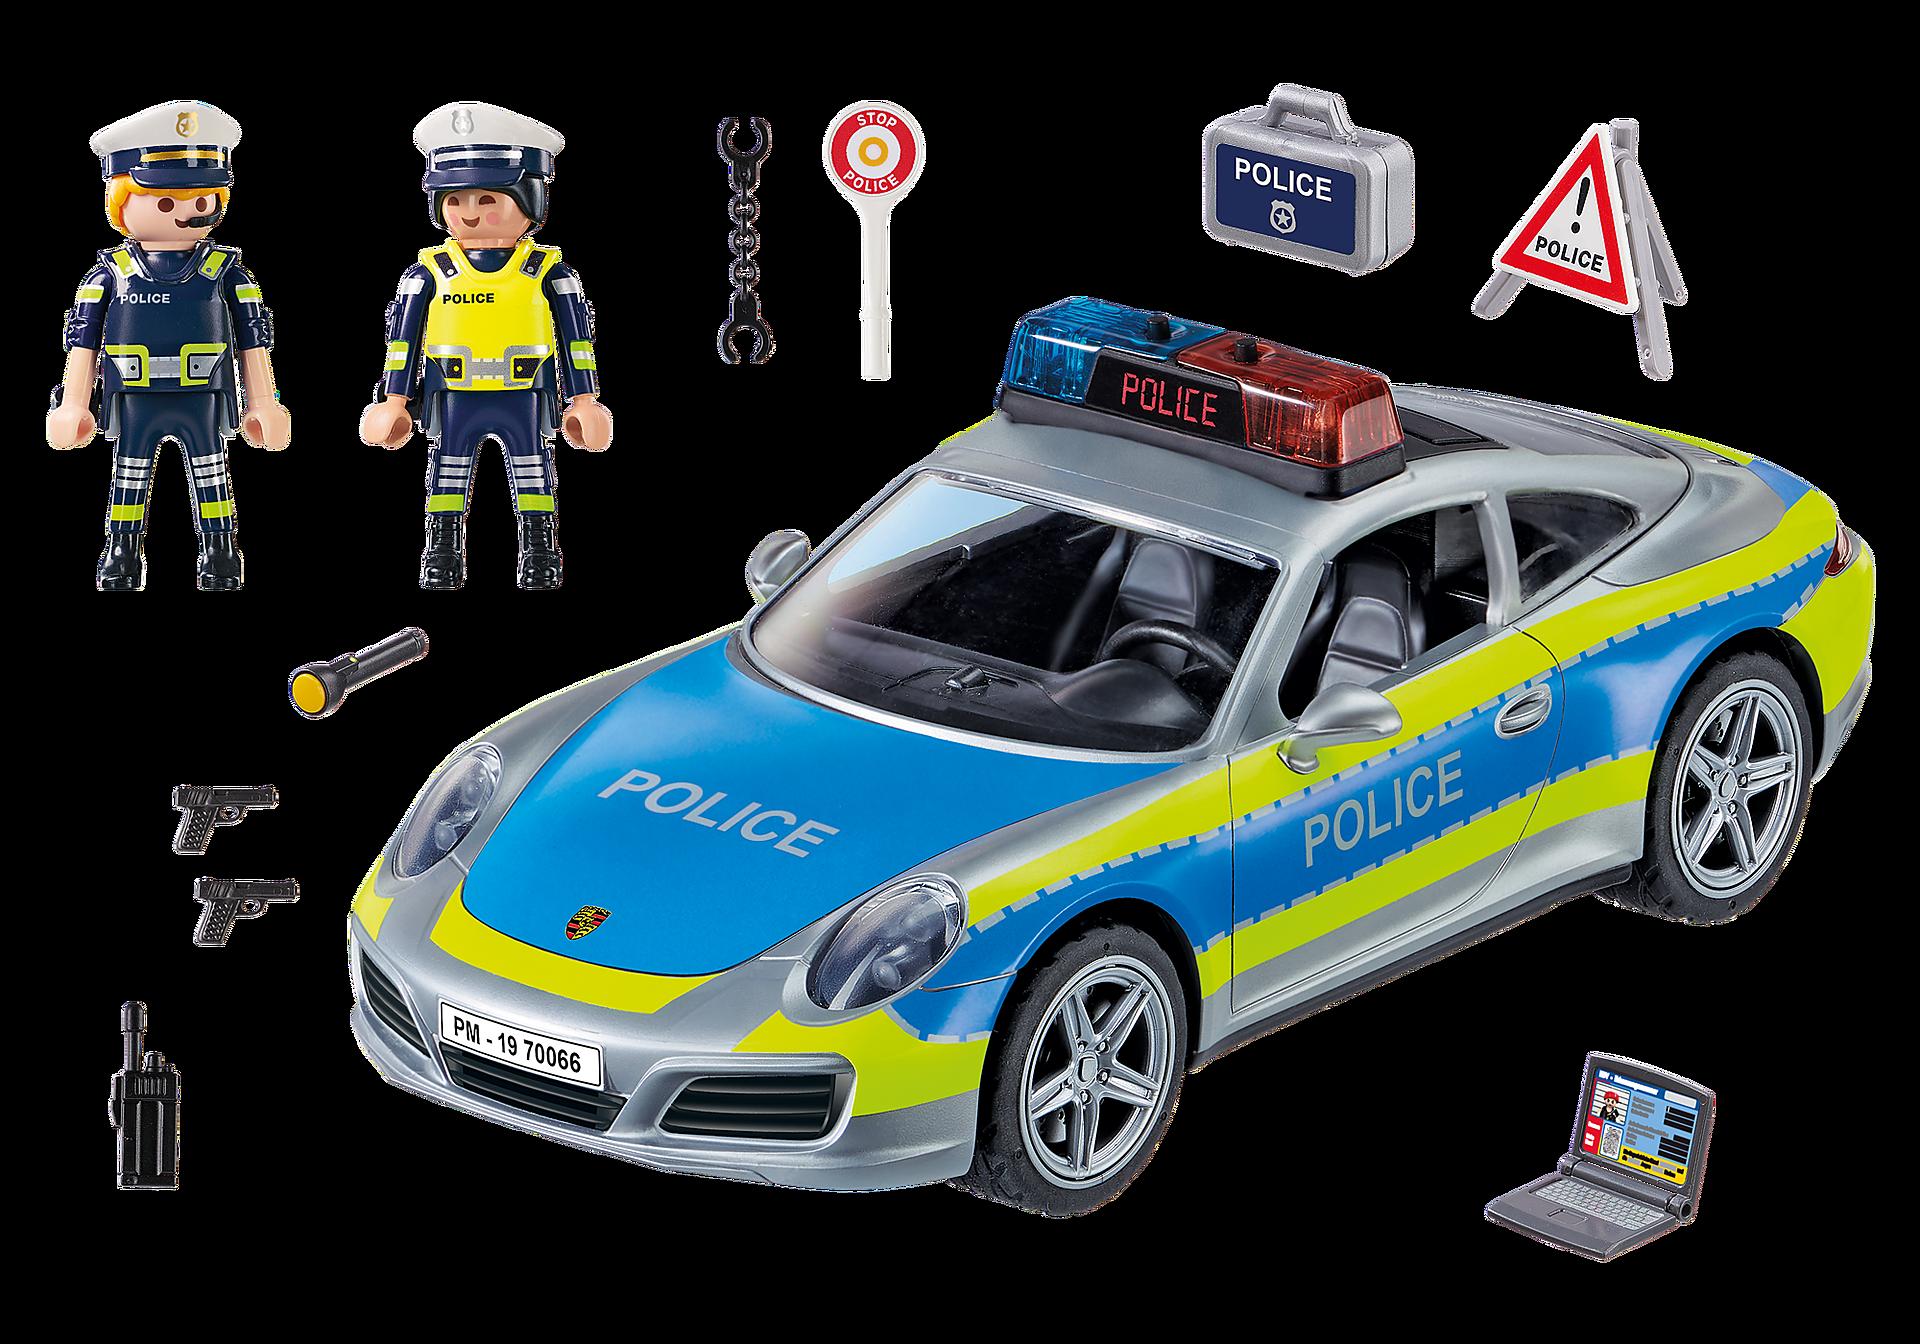 70066 Porsche 911 Carrera 4S Policía zoom image3